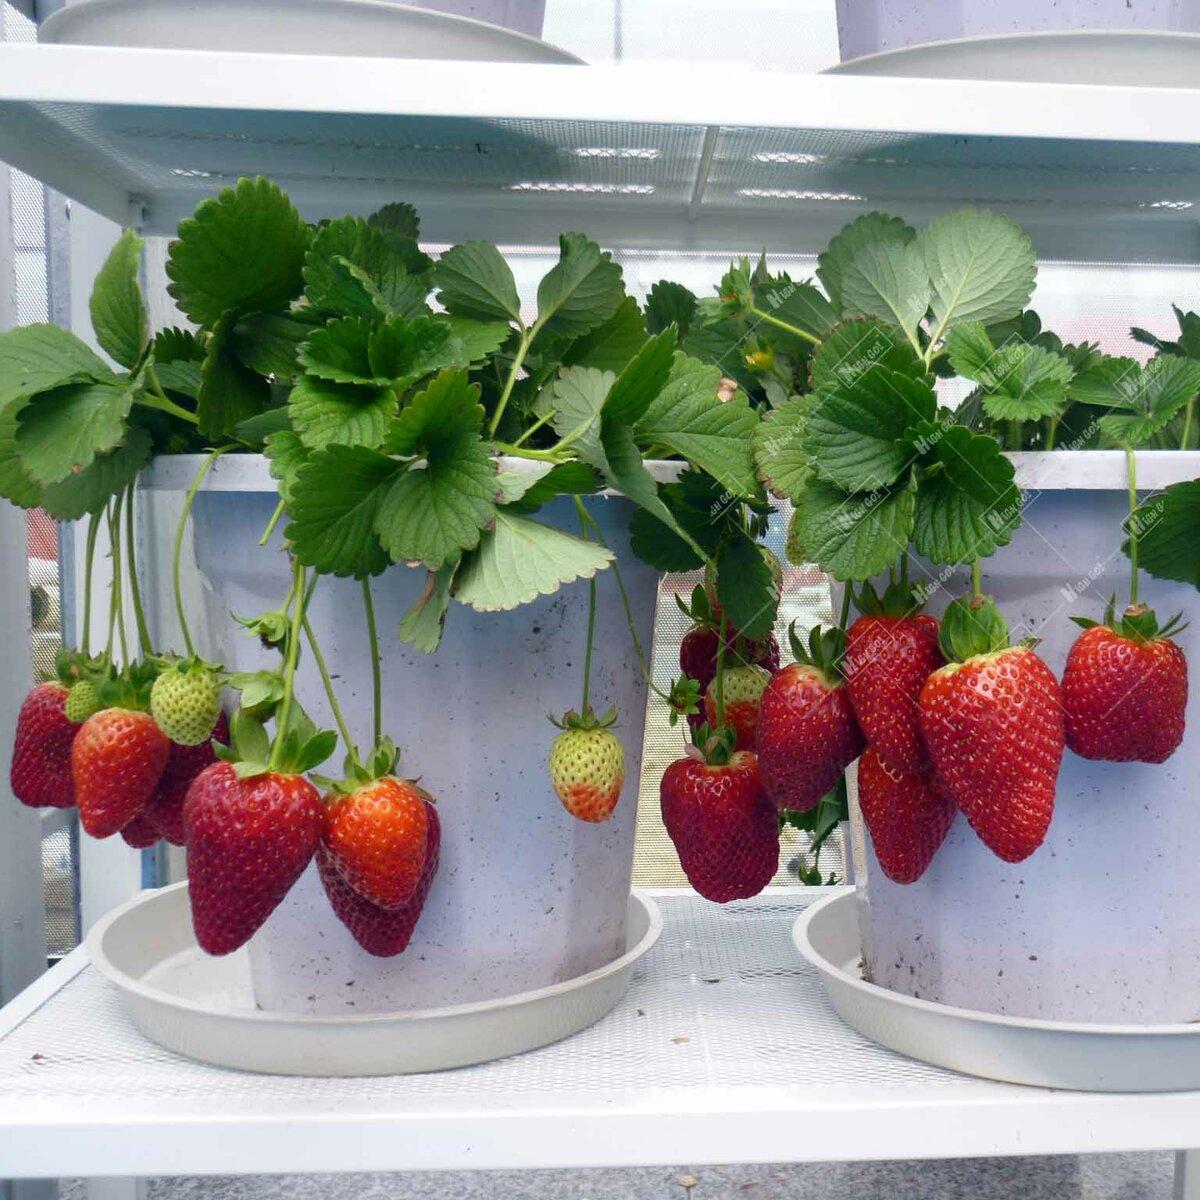 Ремонтантная земляника: выращивание и уход в домашних условиях